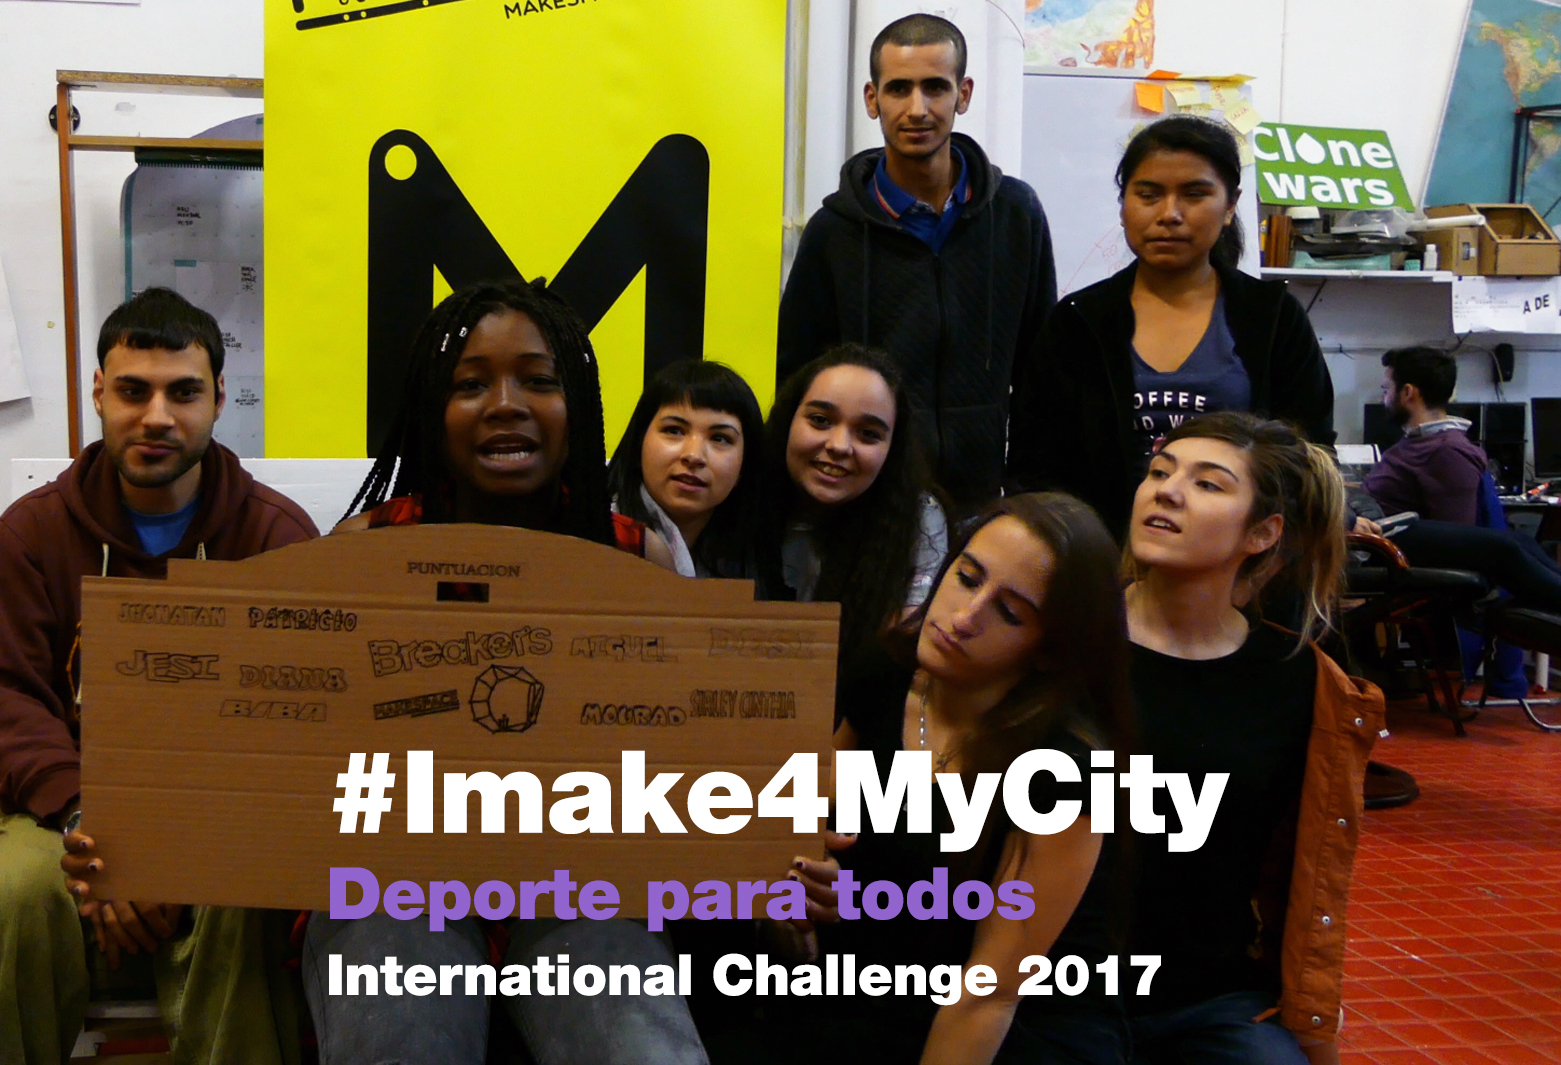 Grupo de jóvenes breakers mostrando un prototipo para el international challenge